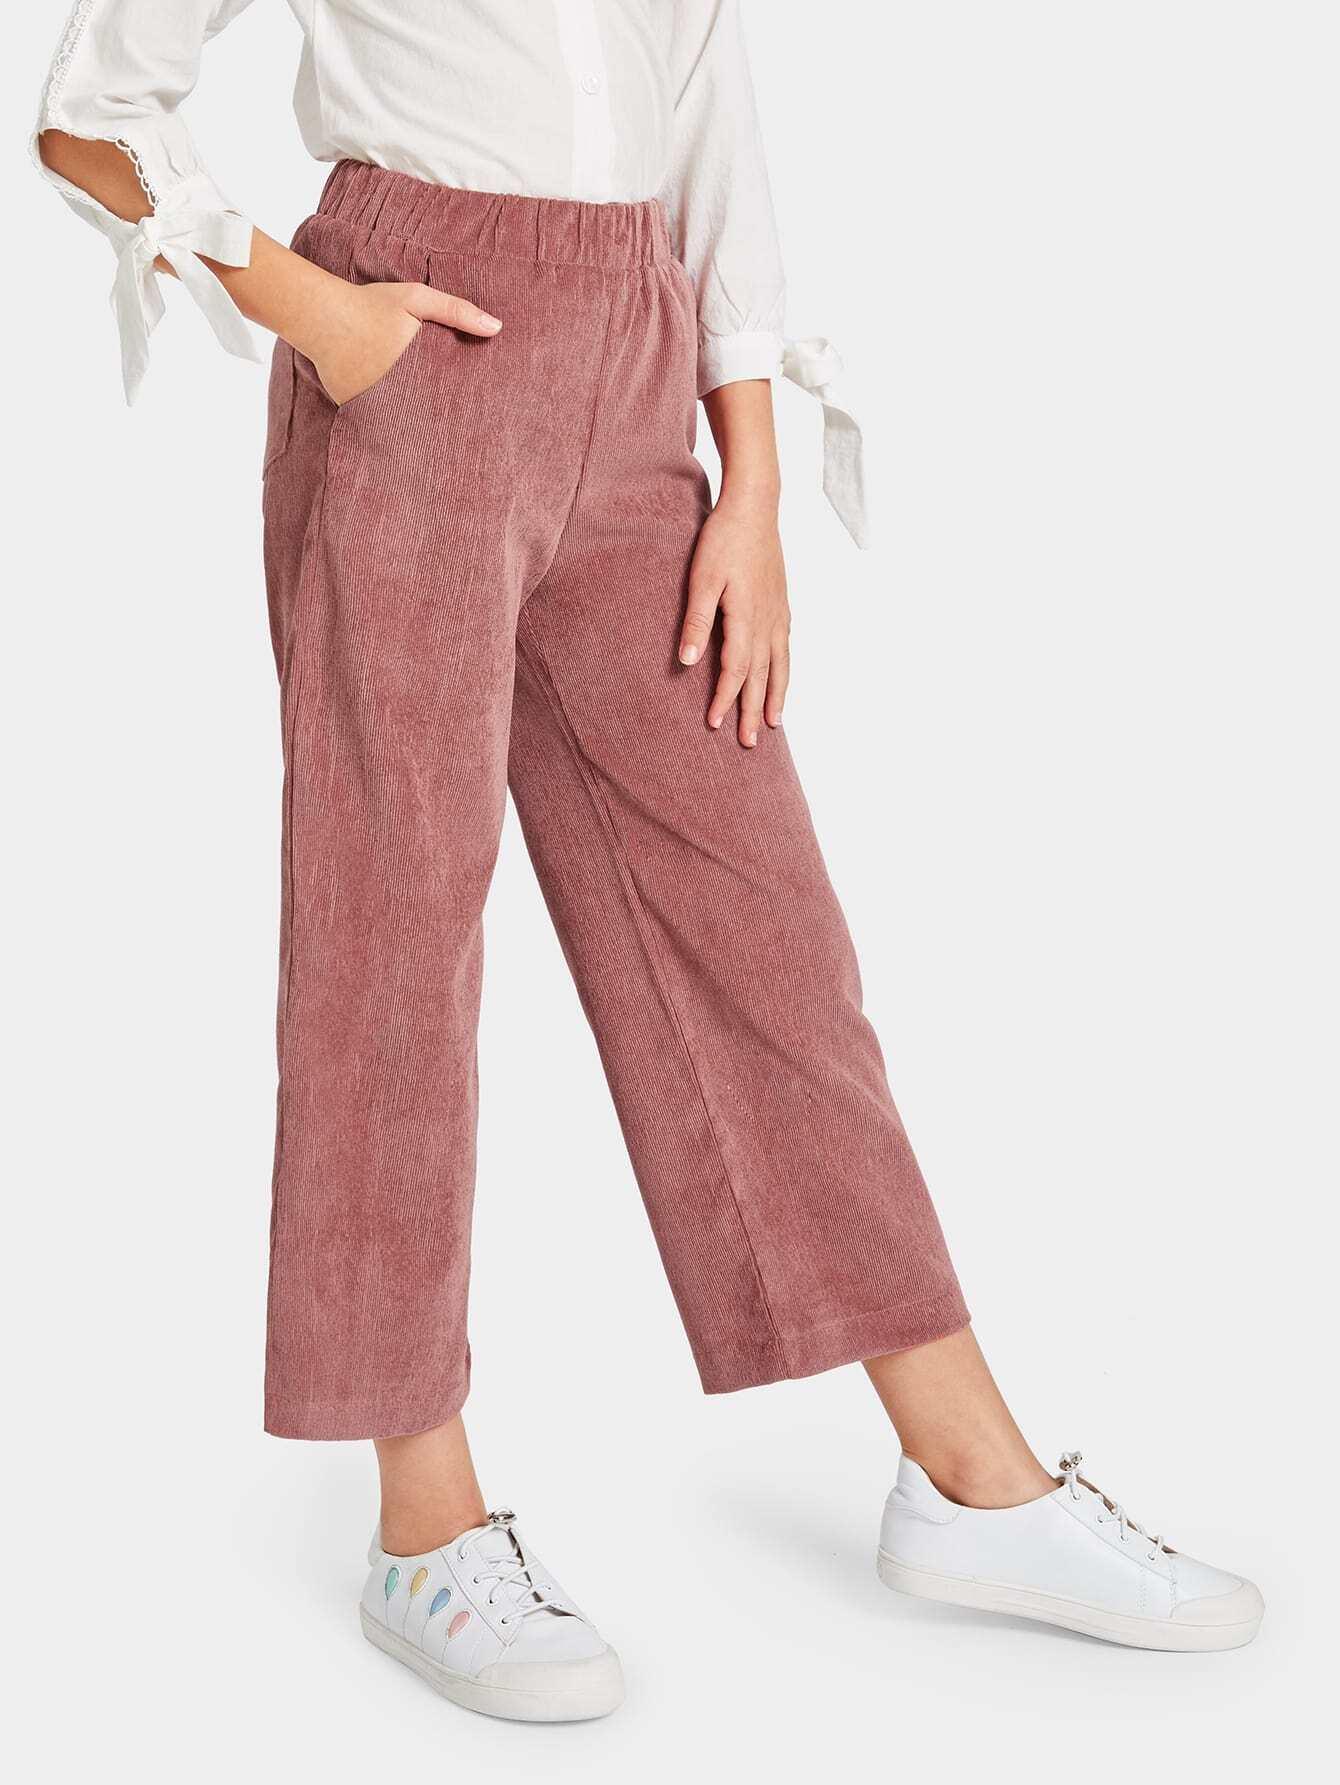 Купить Широкие вельветовые брюки с карманом для девочек, Sashab, SheIn